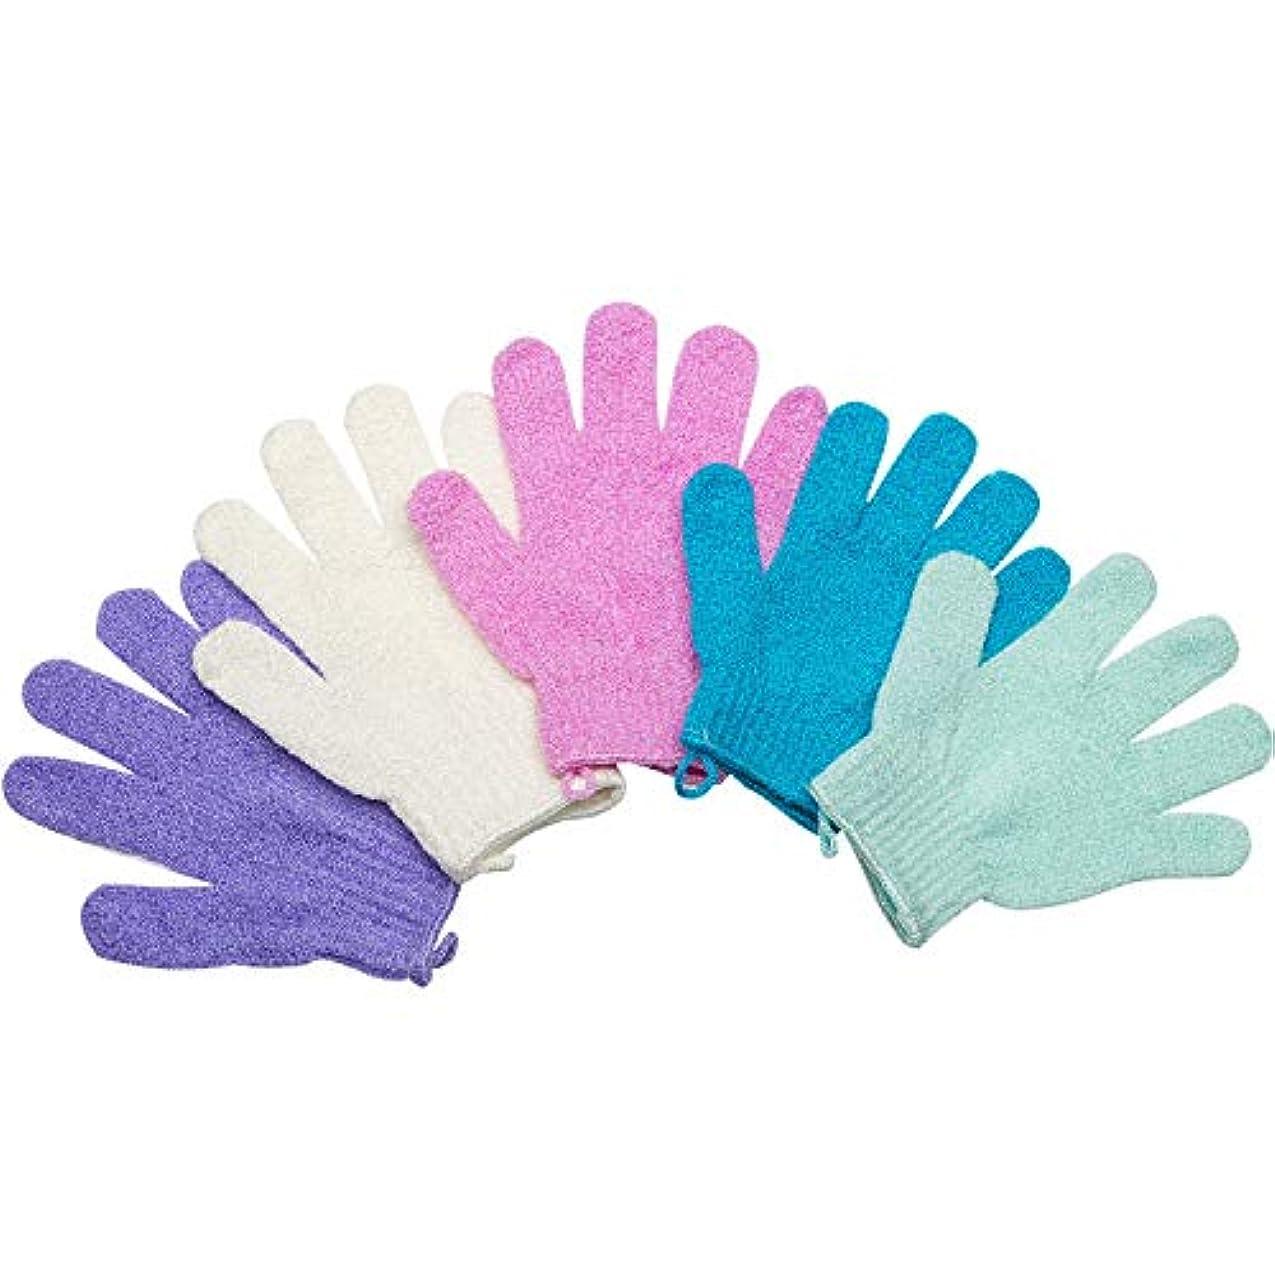 浴ワットいとこ5ペアセットお風呂用手袋 入浴用品 垢すり用グローブ 抗菌加工 角質除去 泡立ち 男女兼用 便利なループ付け